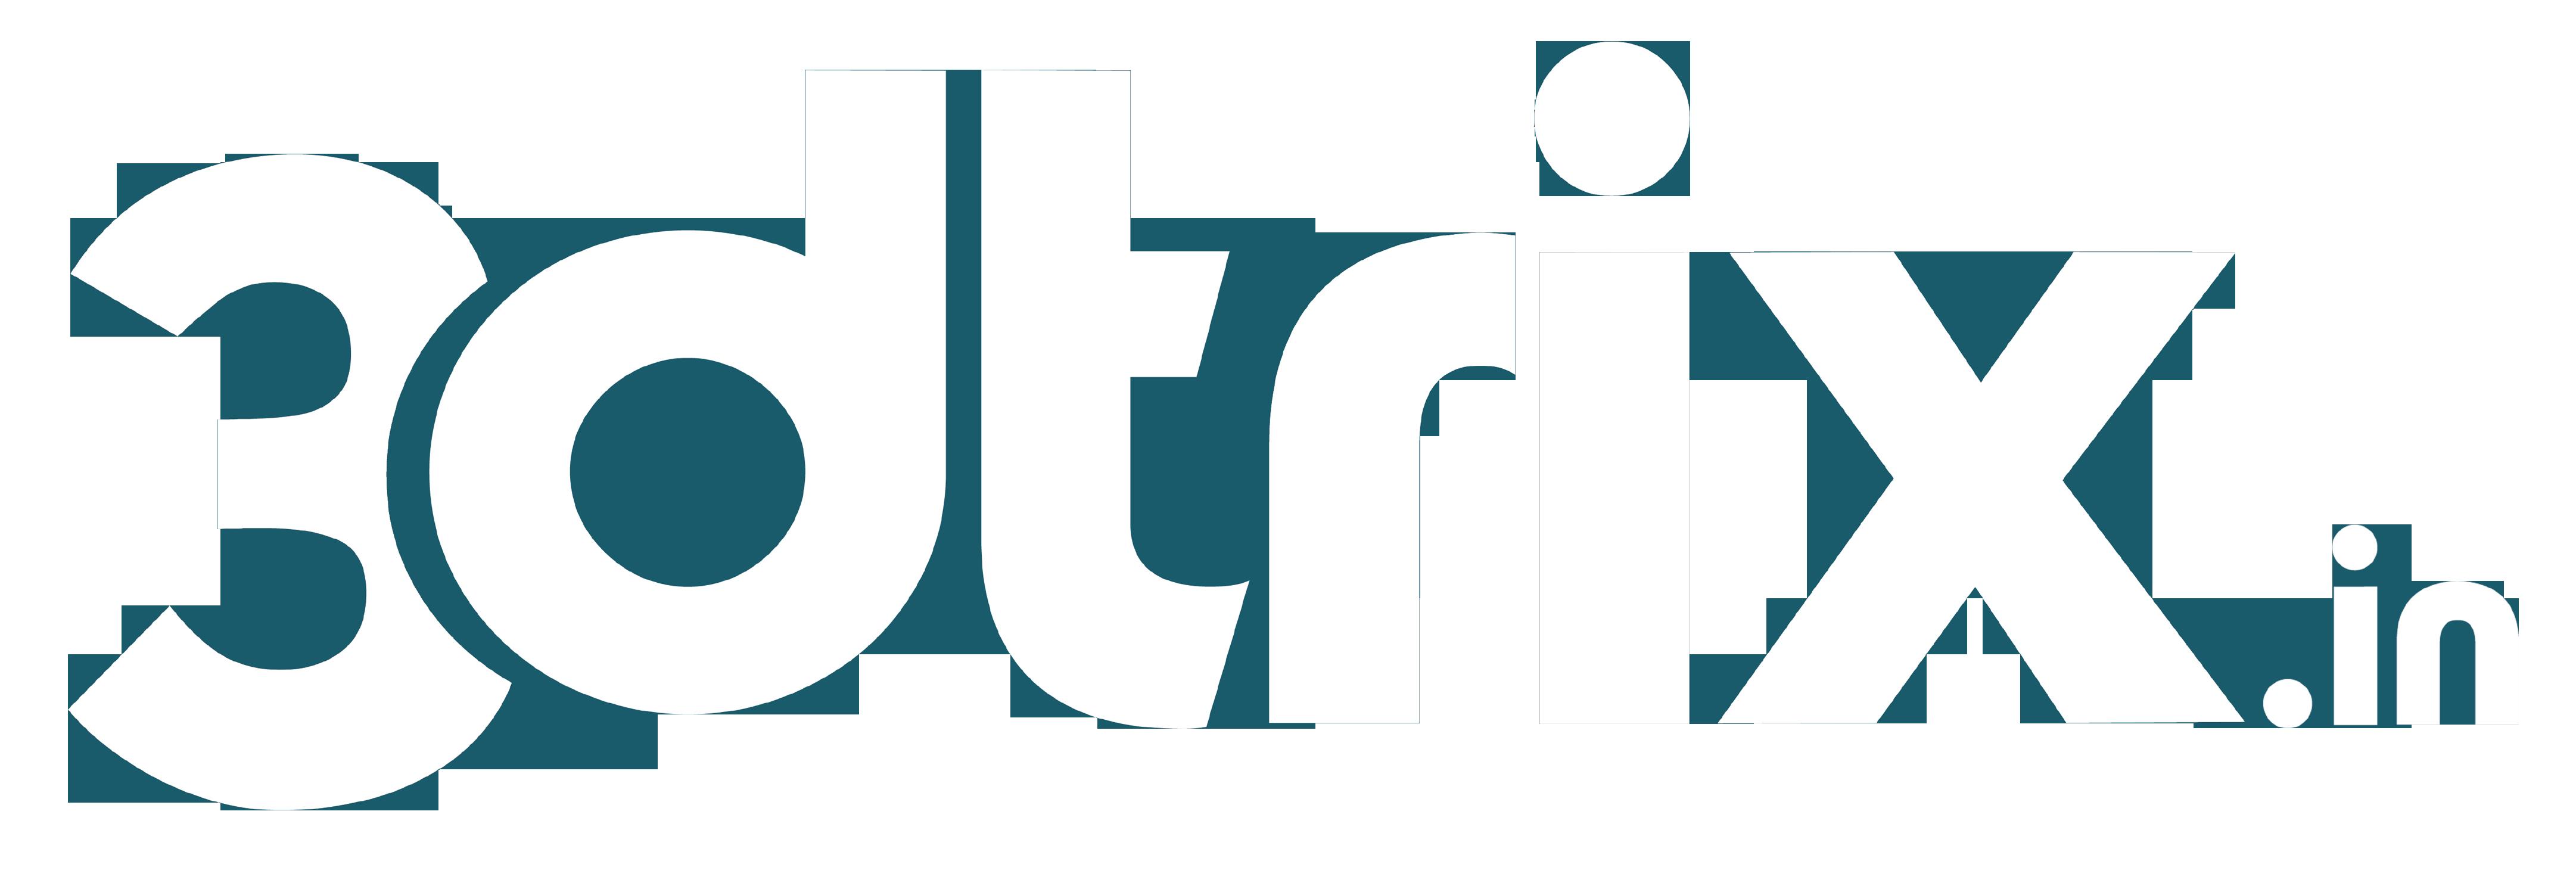 3dtrix